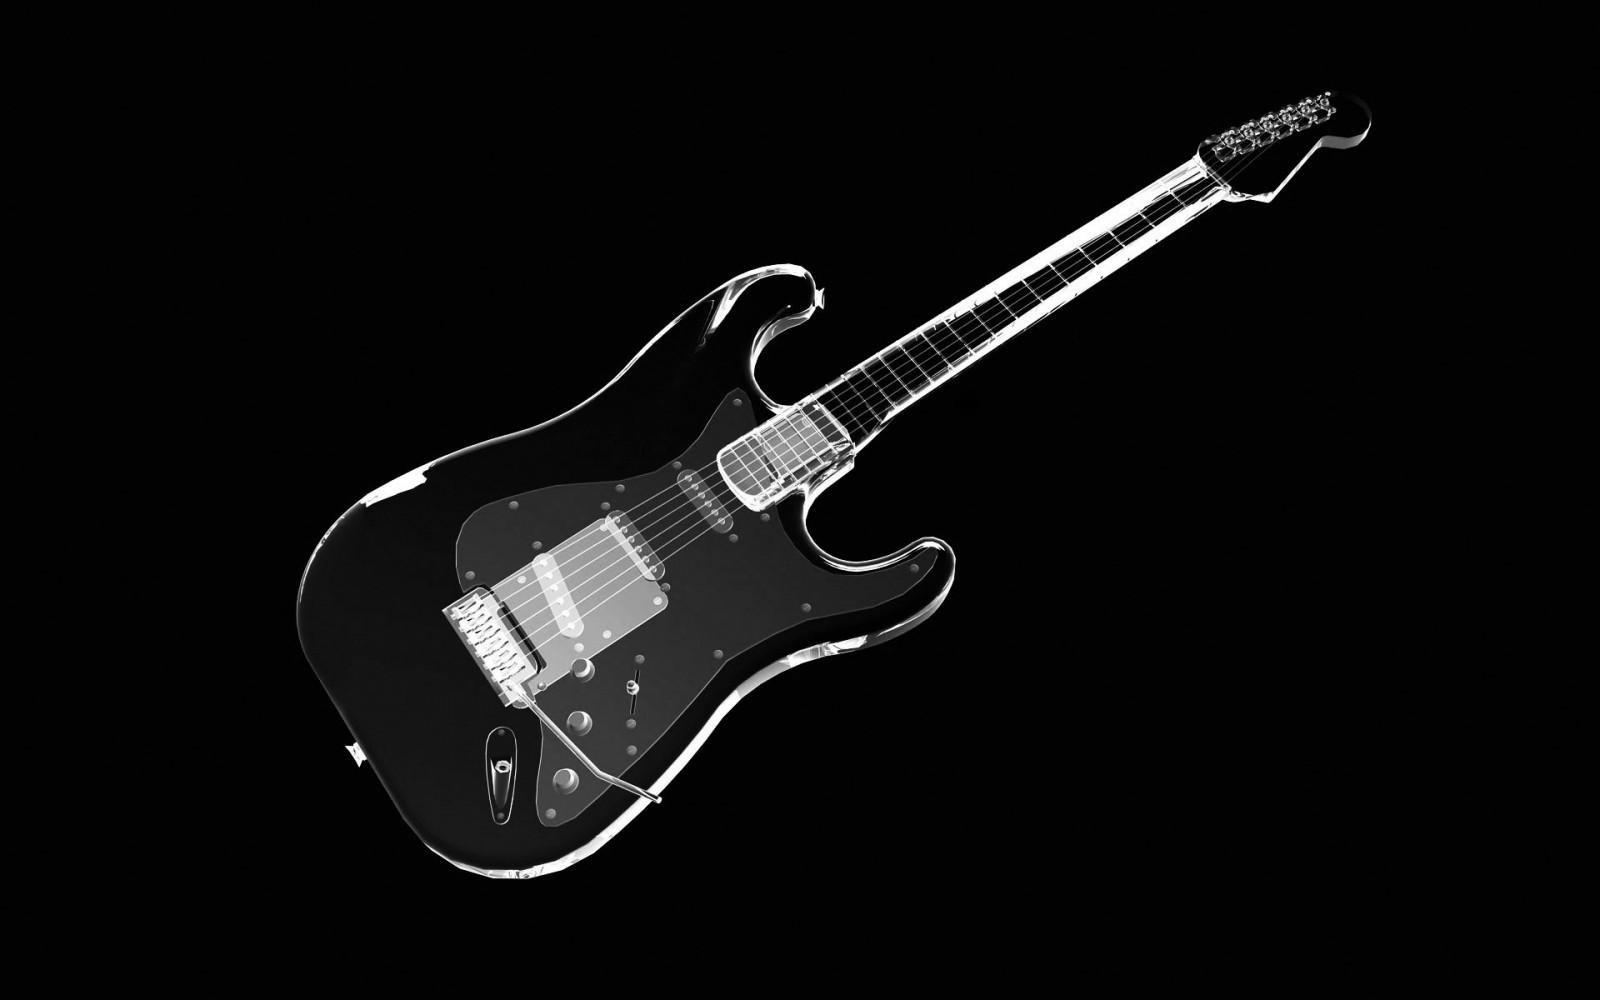 Fond d'écran : instrument de musique, guitariste, guitare électrique, 1920 x 1200 px, noir et ...